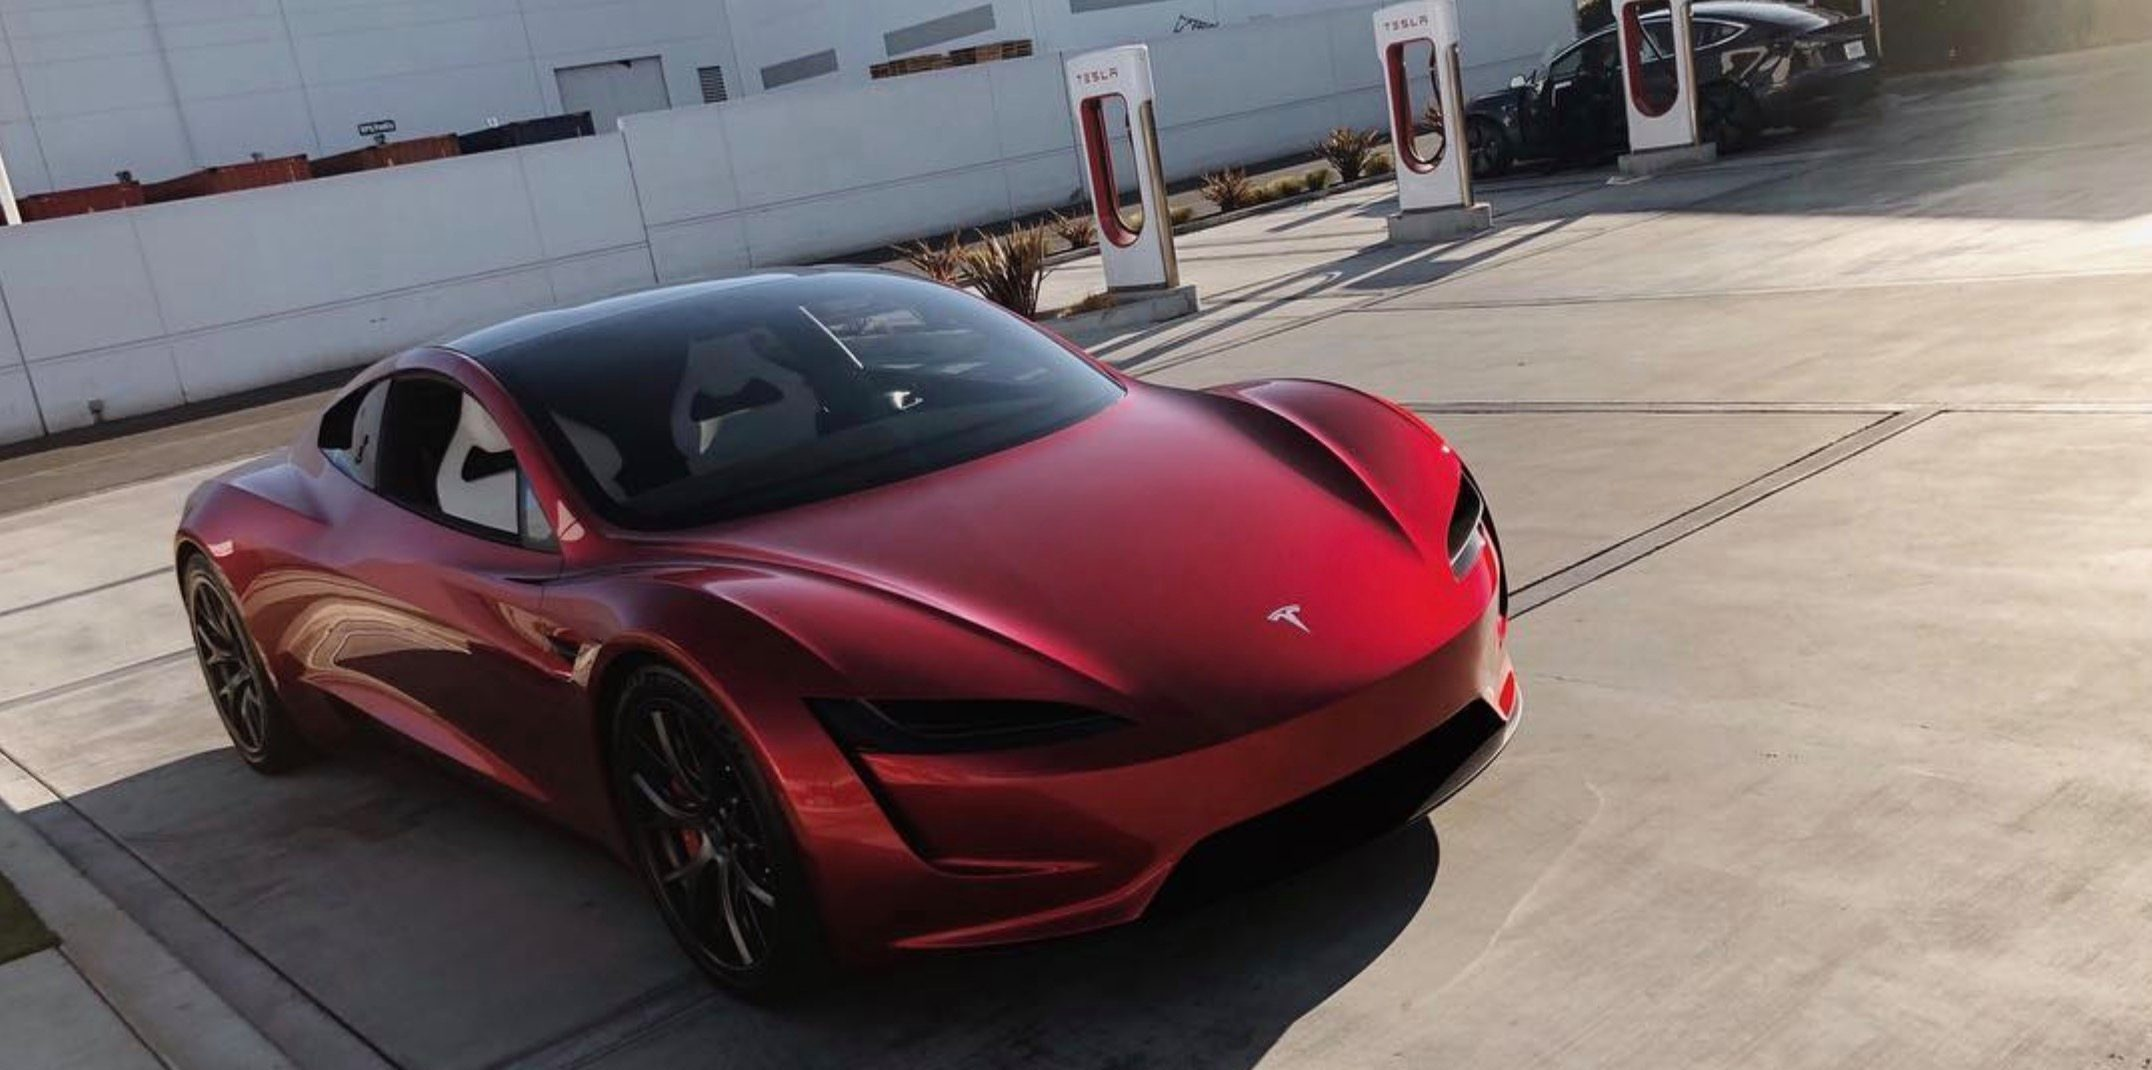 Tesla-next-gen-Roadster-hearder-hero-e1538636851885.jpg